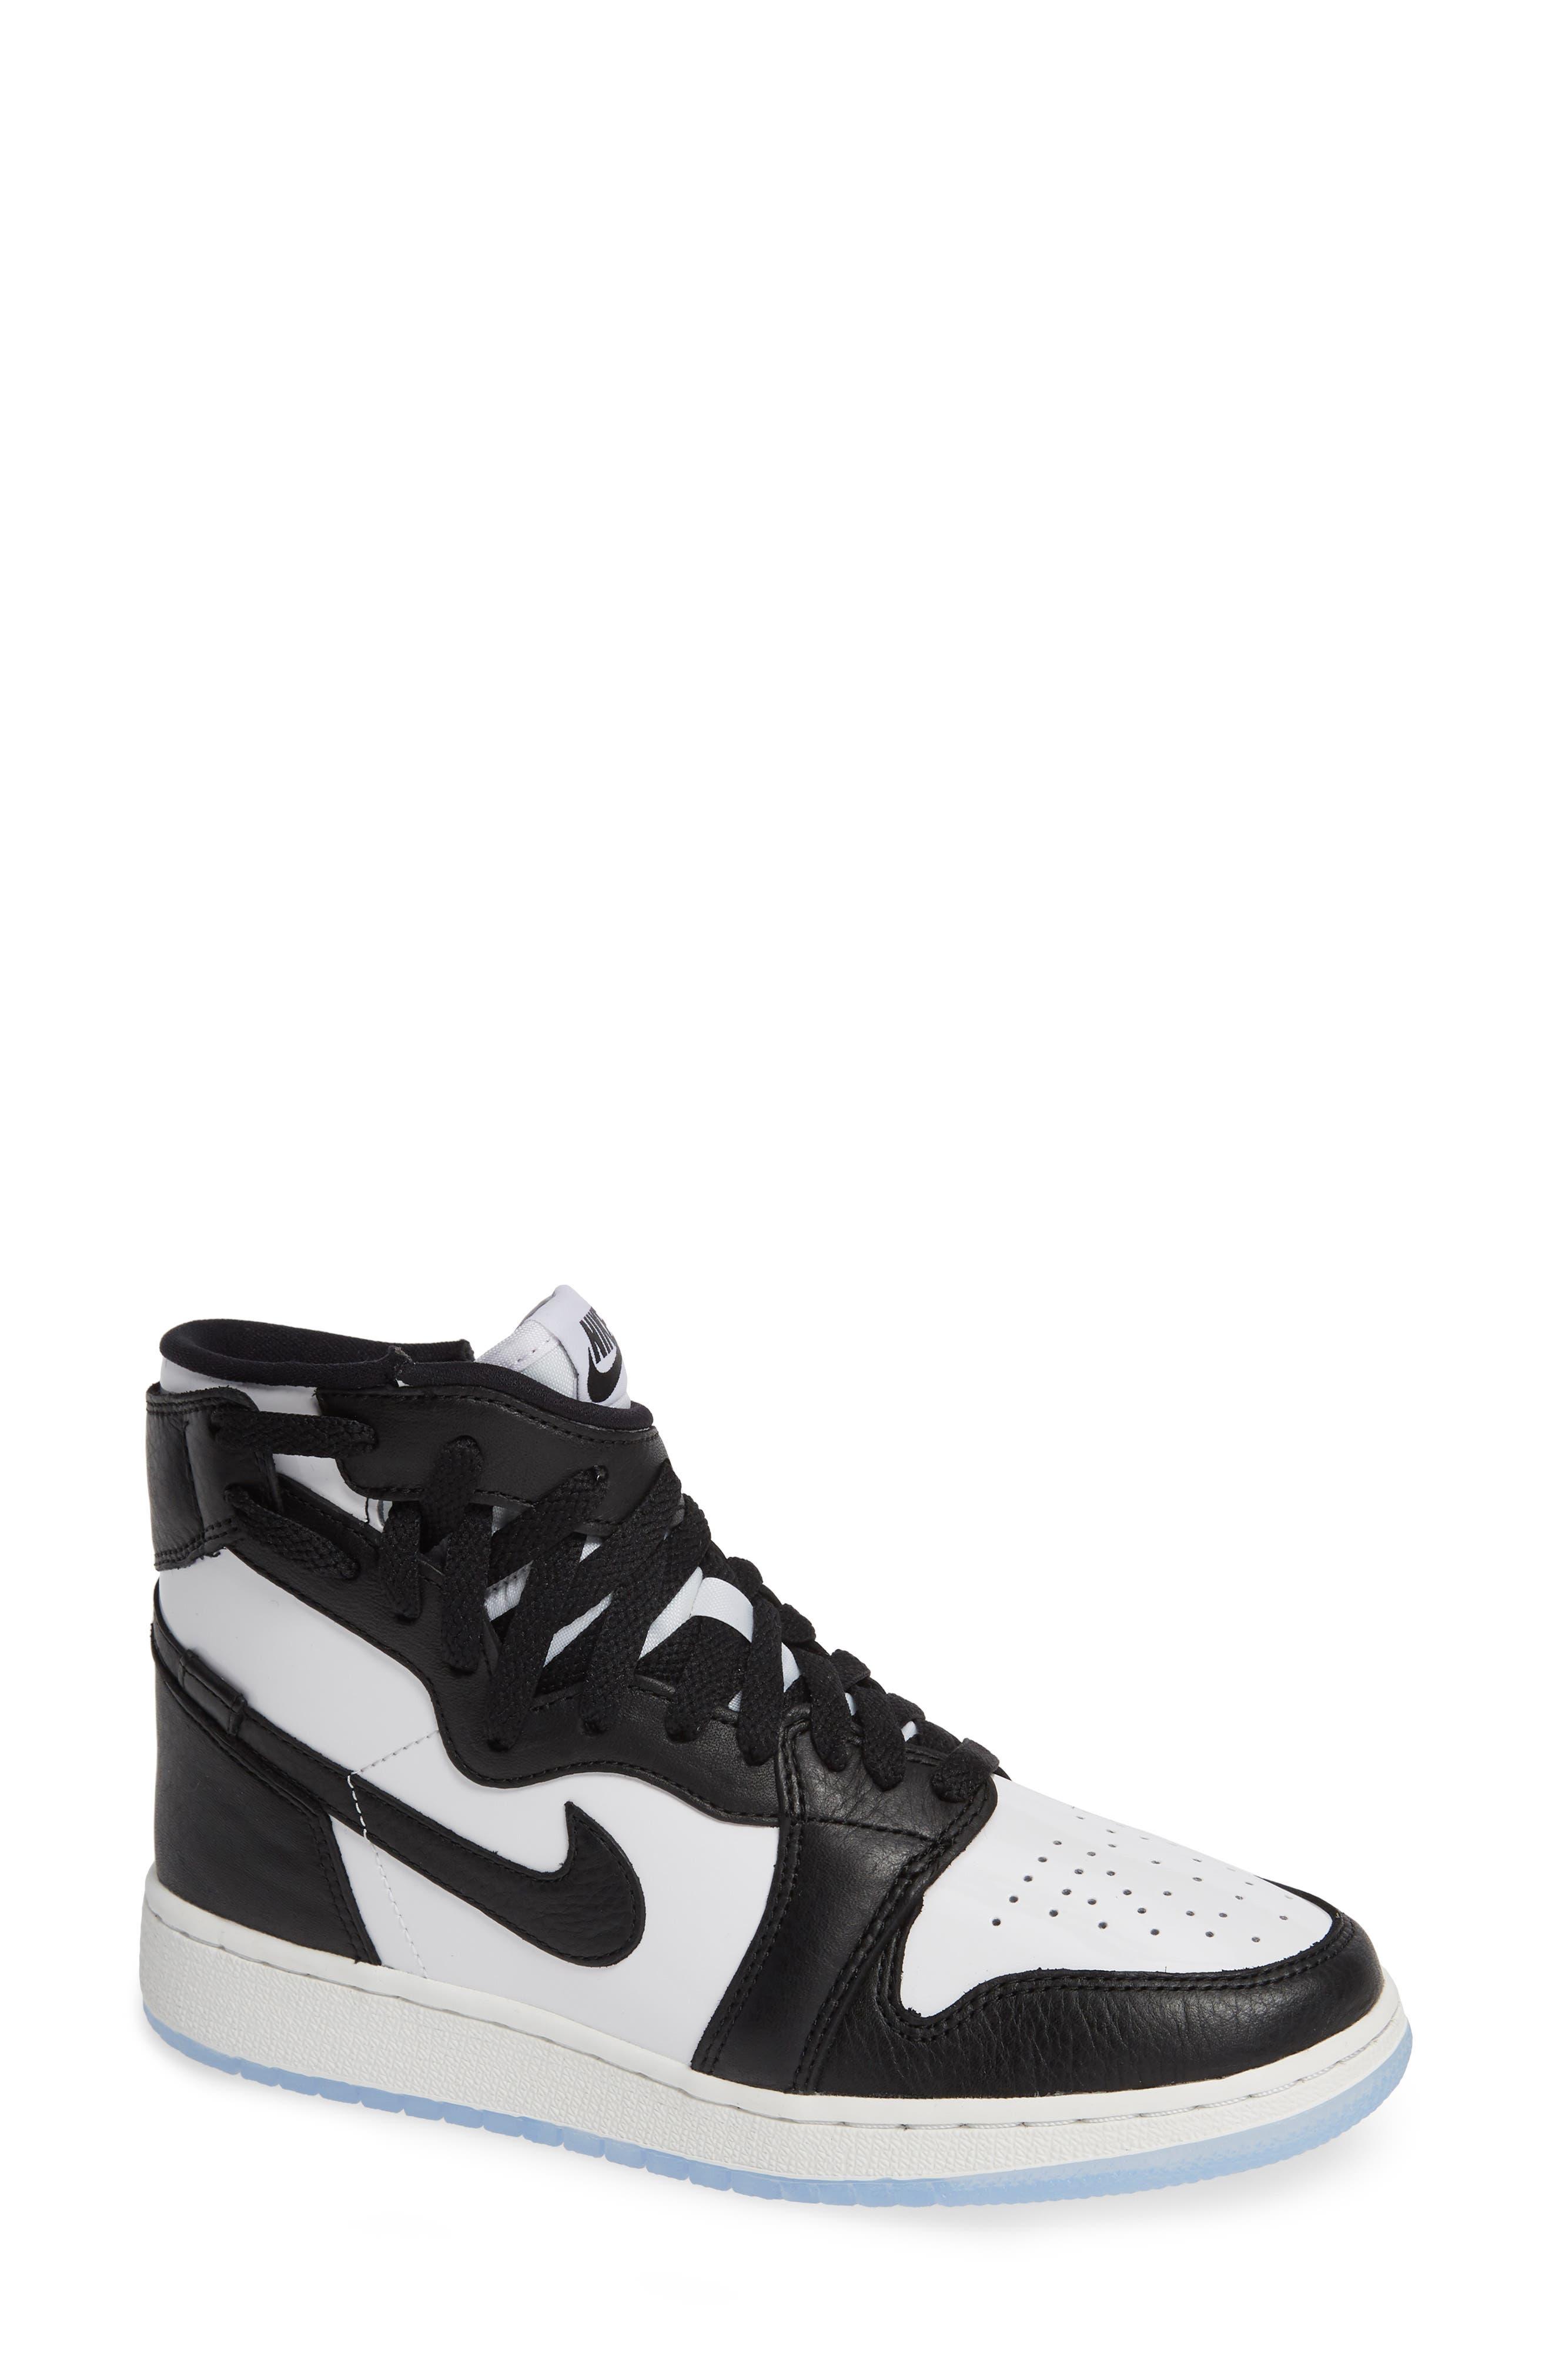 Air Jordan 1 Rebel XX High Top Sneaker,                         Main,                         color, BLACK/ BLACK